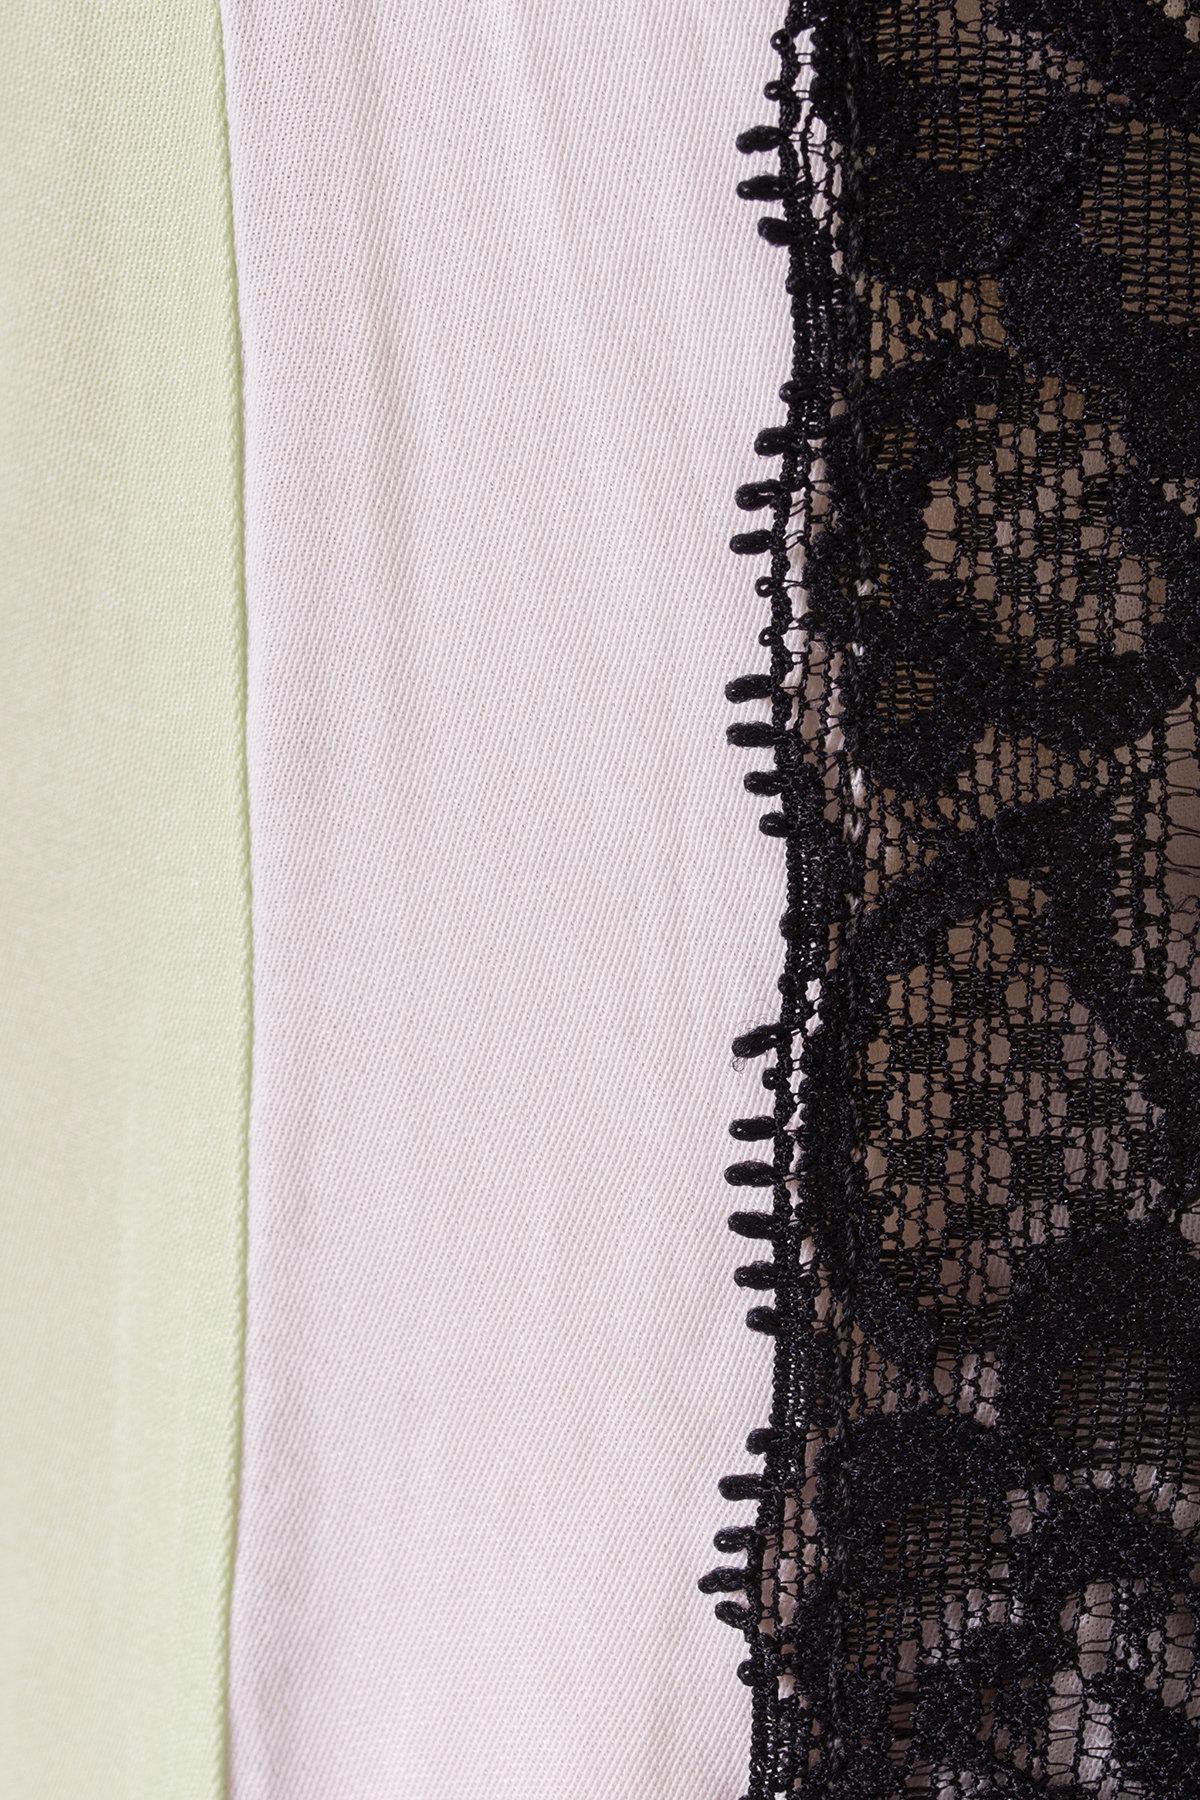 Платье Фелиса 3145 АРТ. 16228 Цвет: Яблоко - фото 3, интернет магазин tm-modus.ru